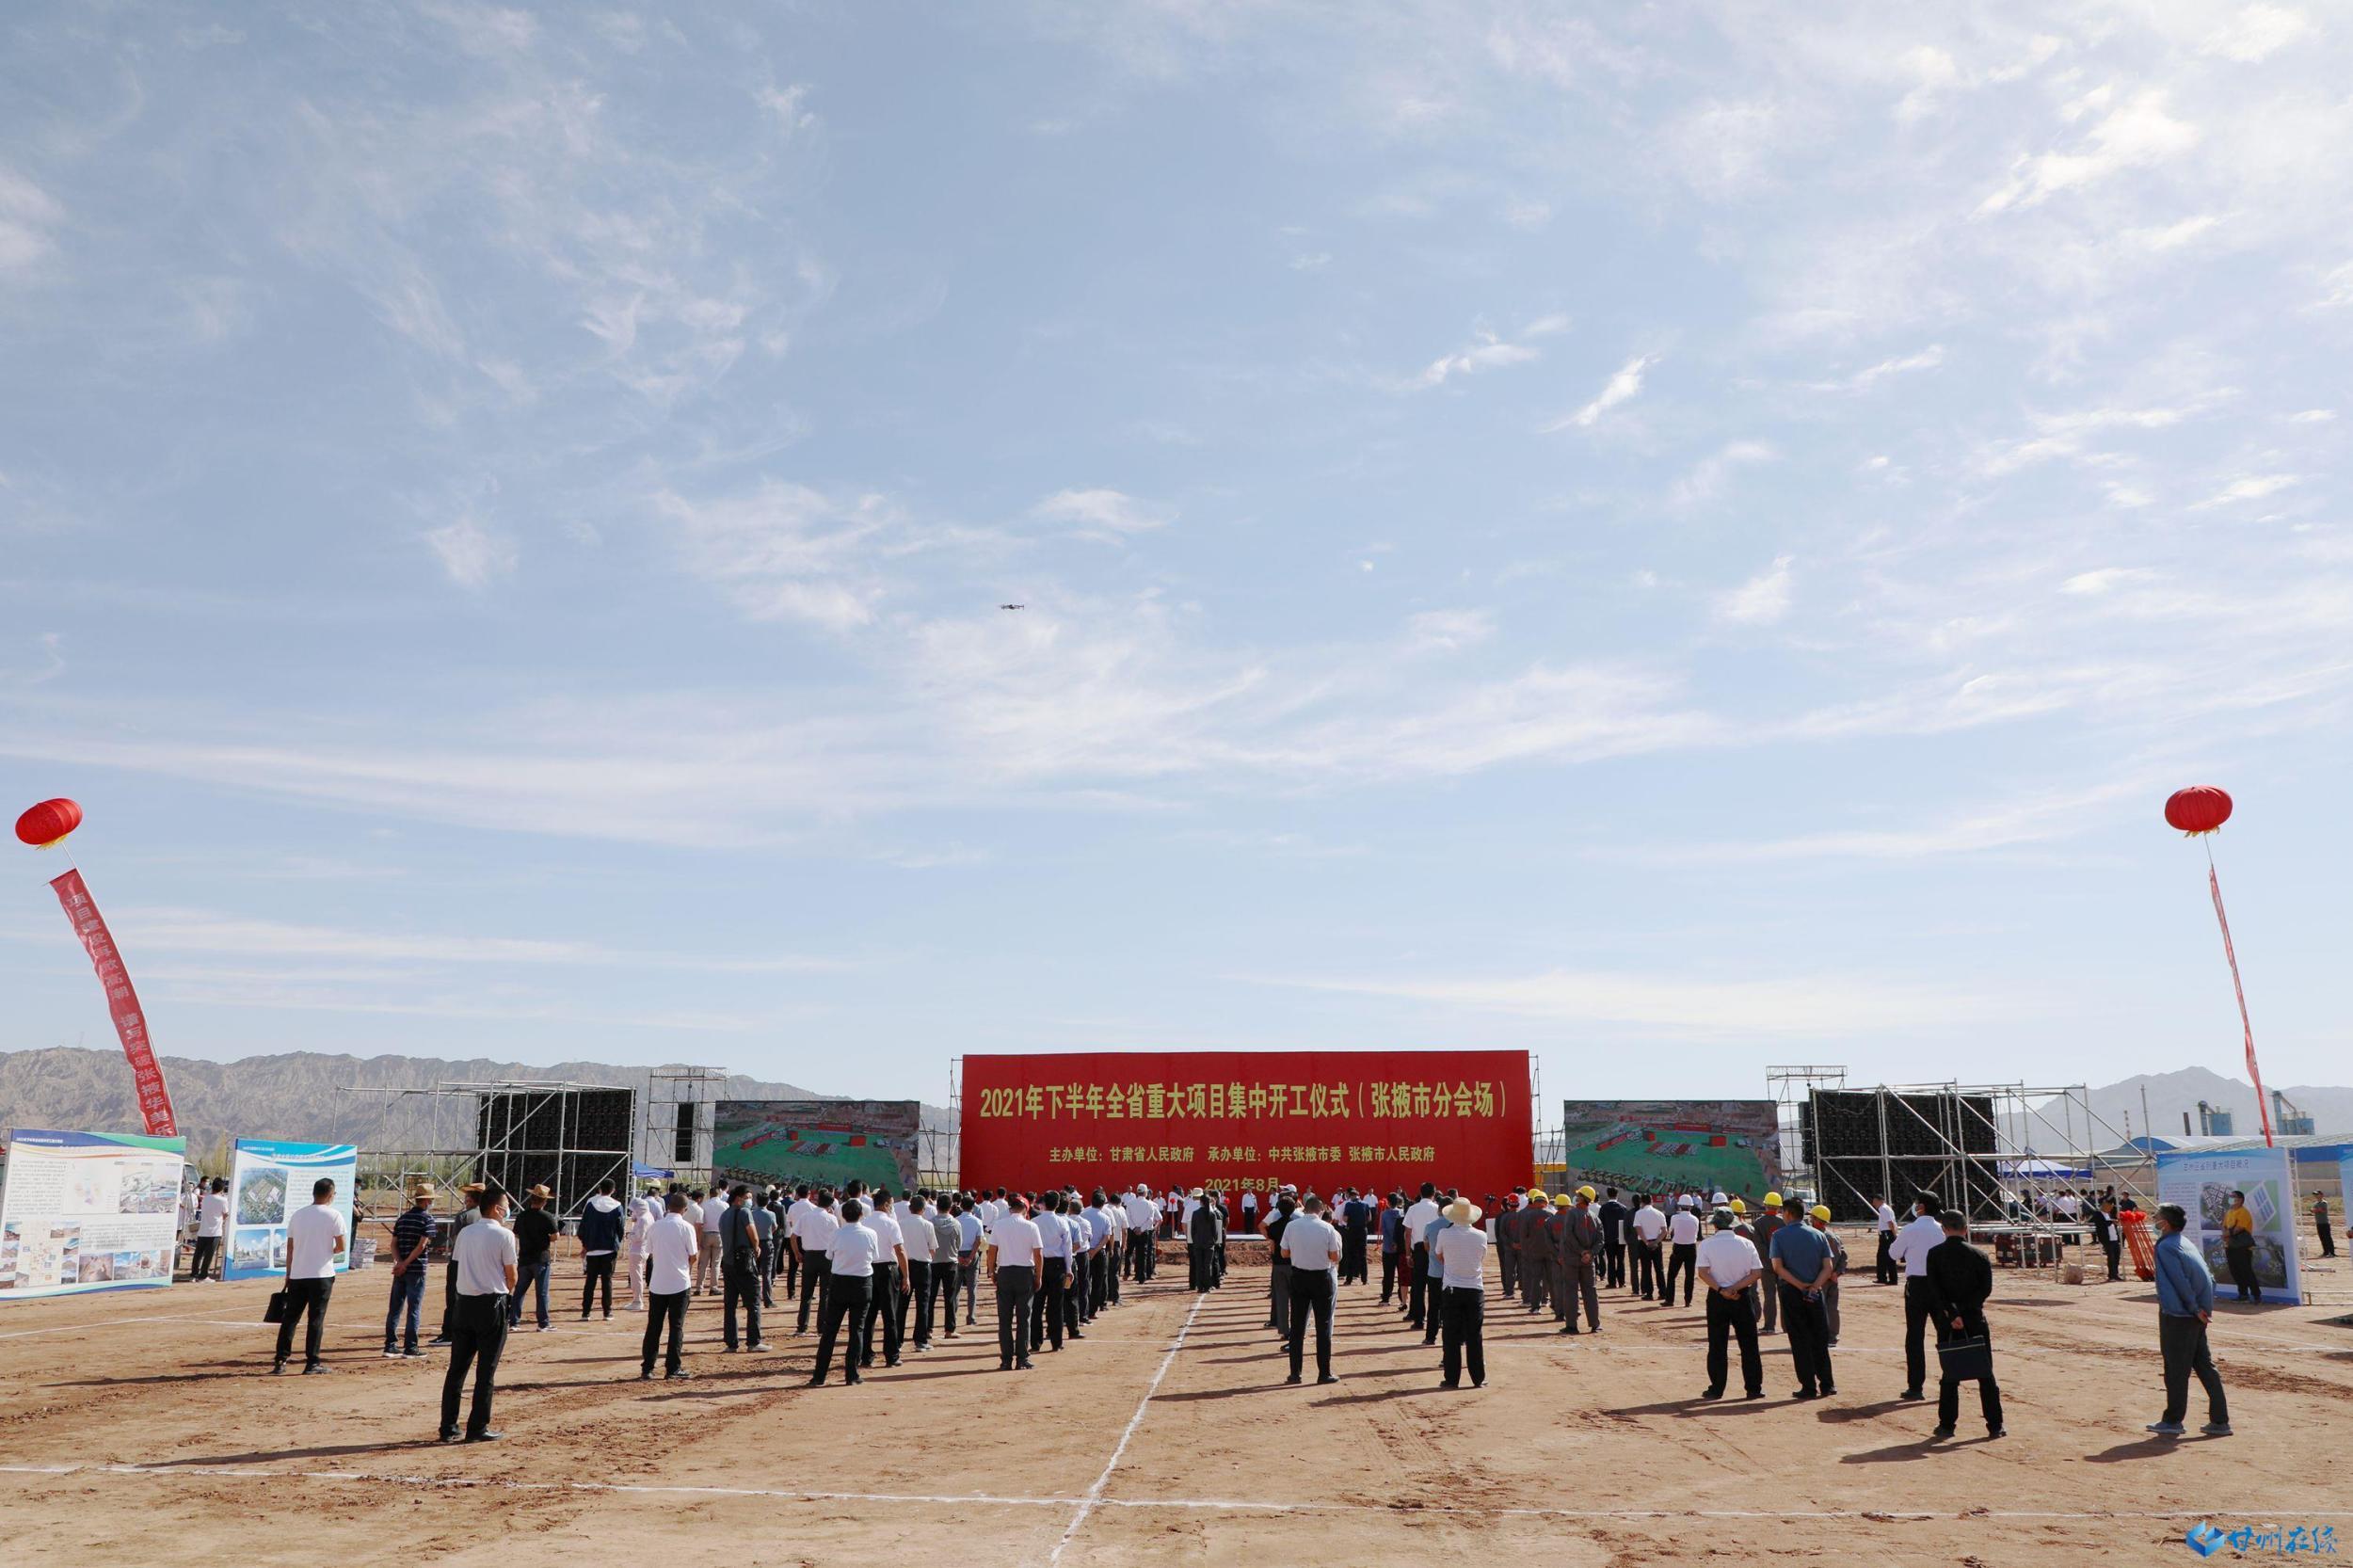 甘州:總投資165.53億元,26項重大項目集中開工